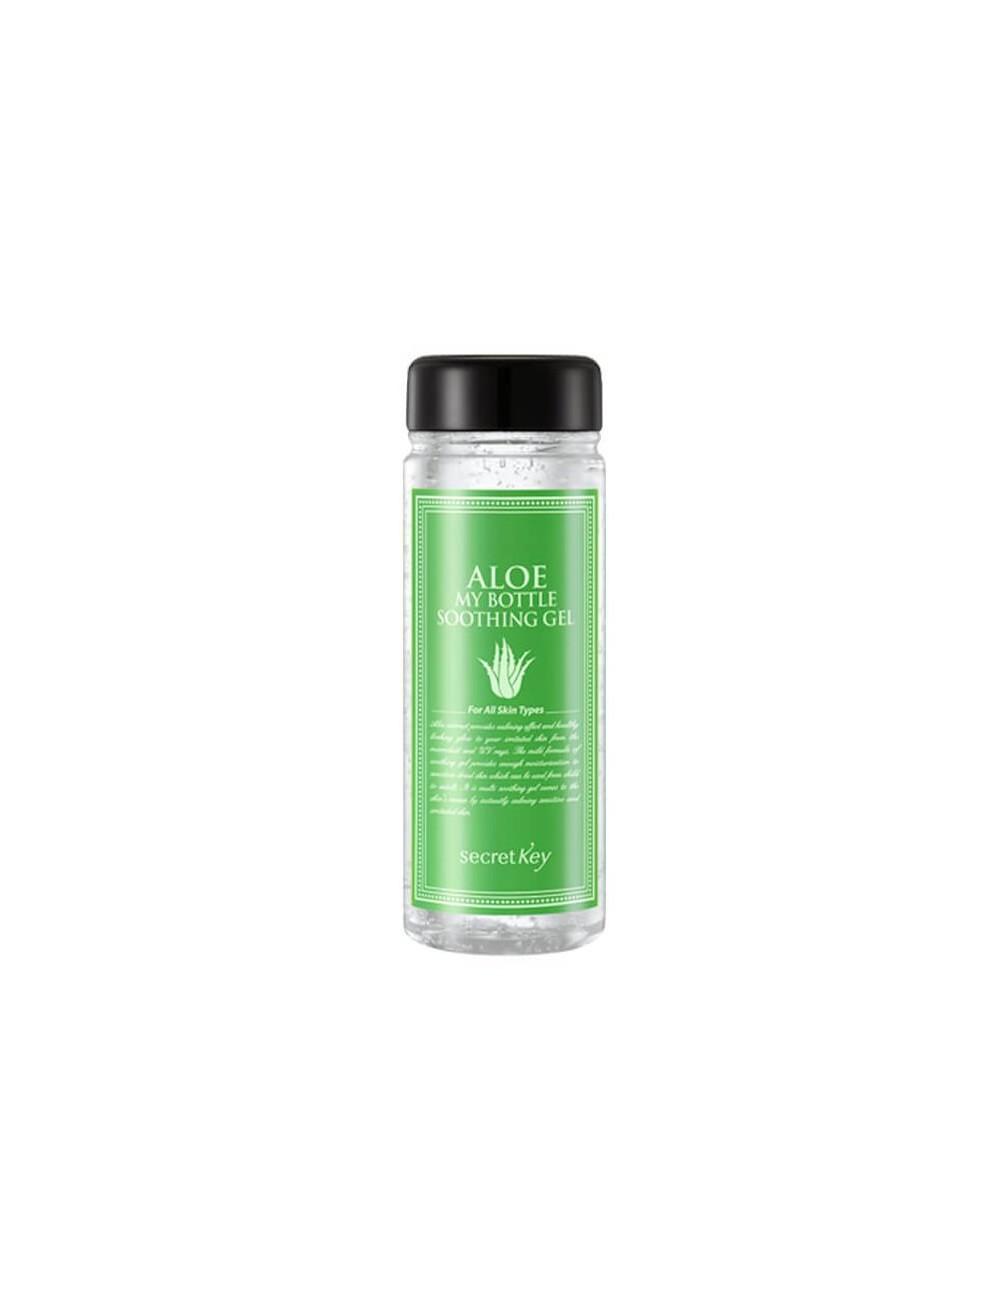 Gel de Aloe Secret Key Aloe My Bottle Soothing Gel